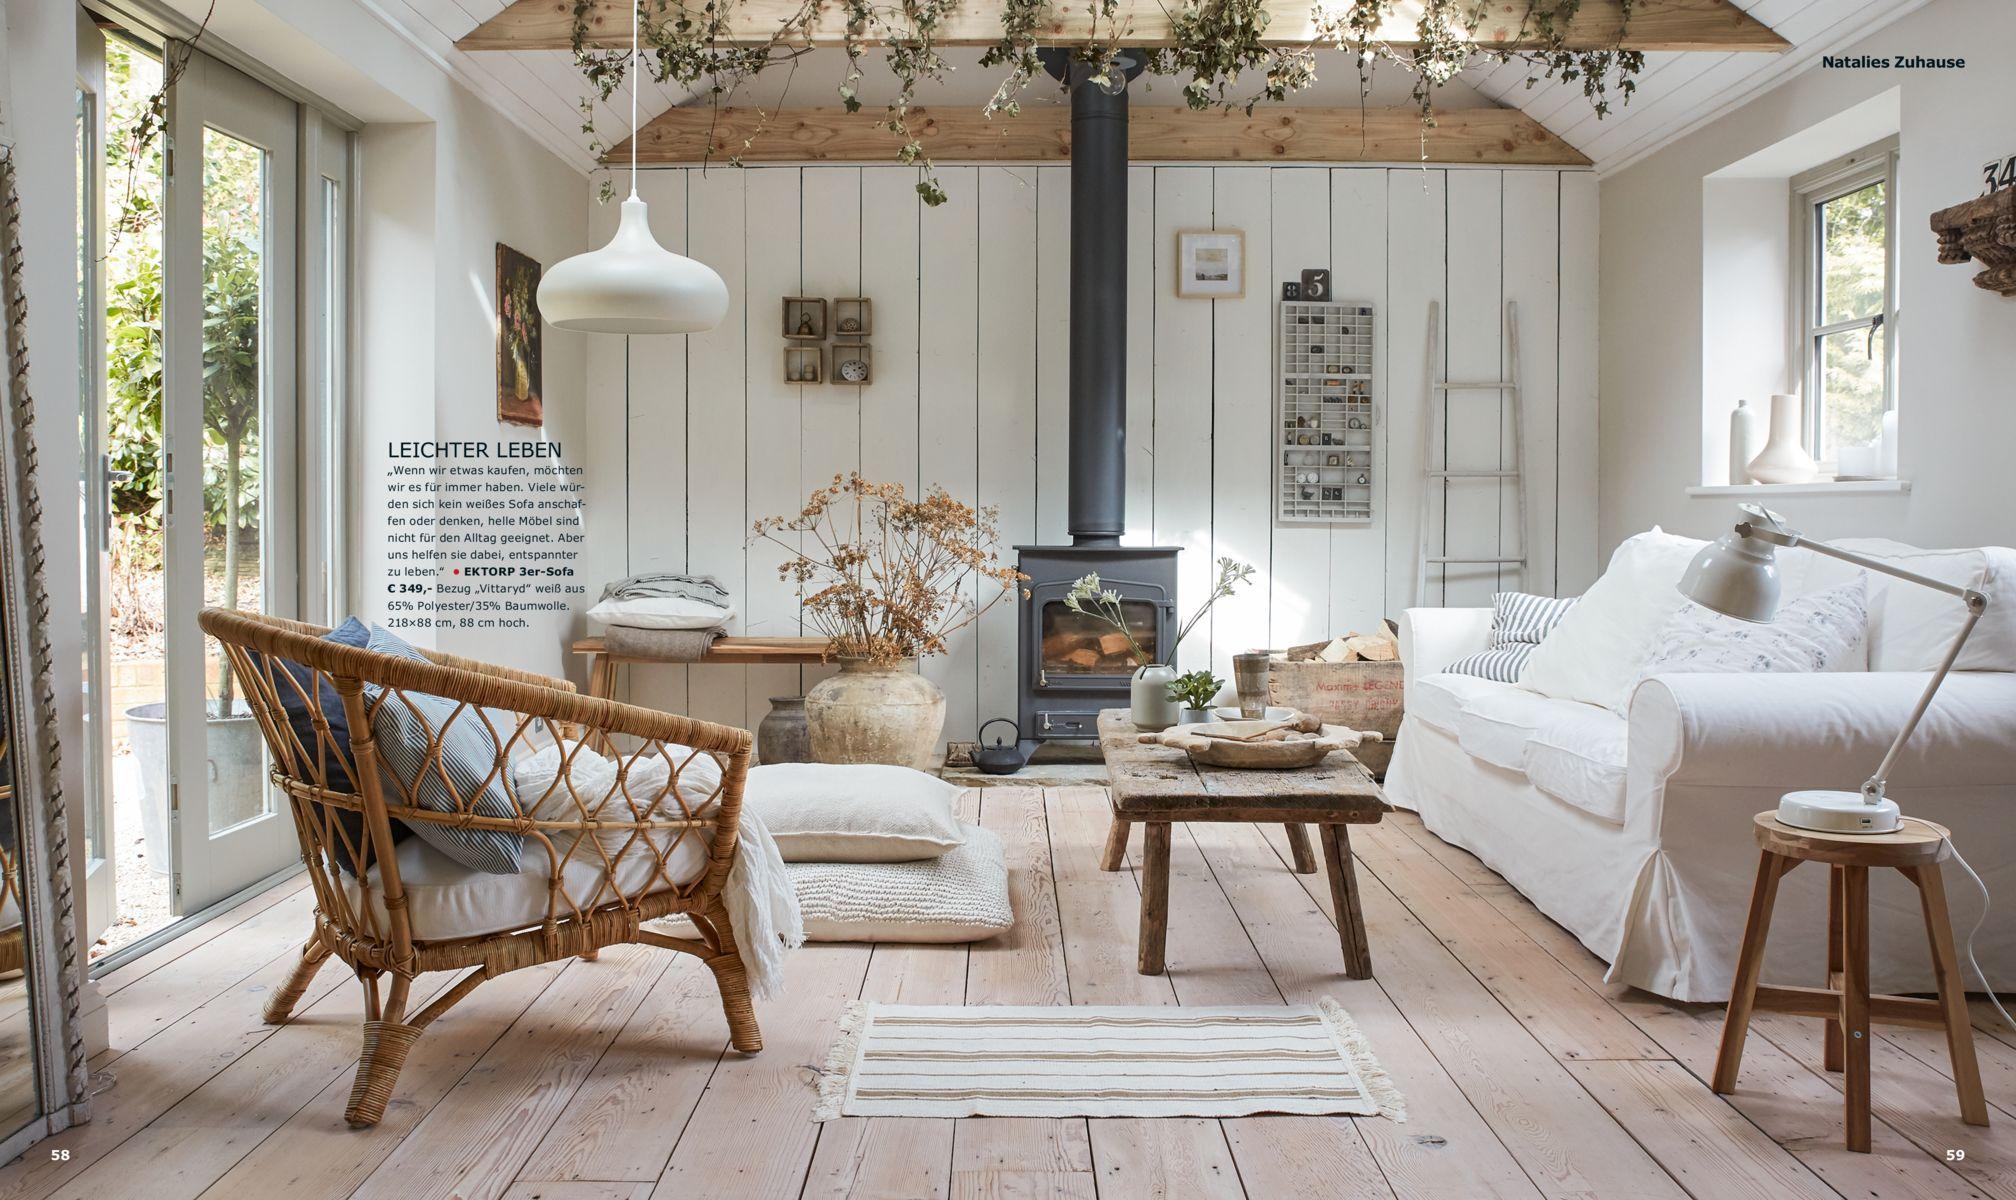 IKEA Katalog und Broschüren   Wohnzimmer ideen wohnung, Haus und wohnen, Landhaus wohnzimmer